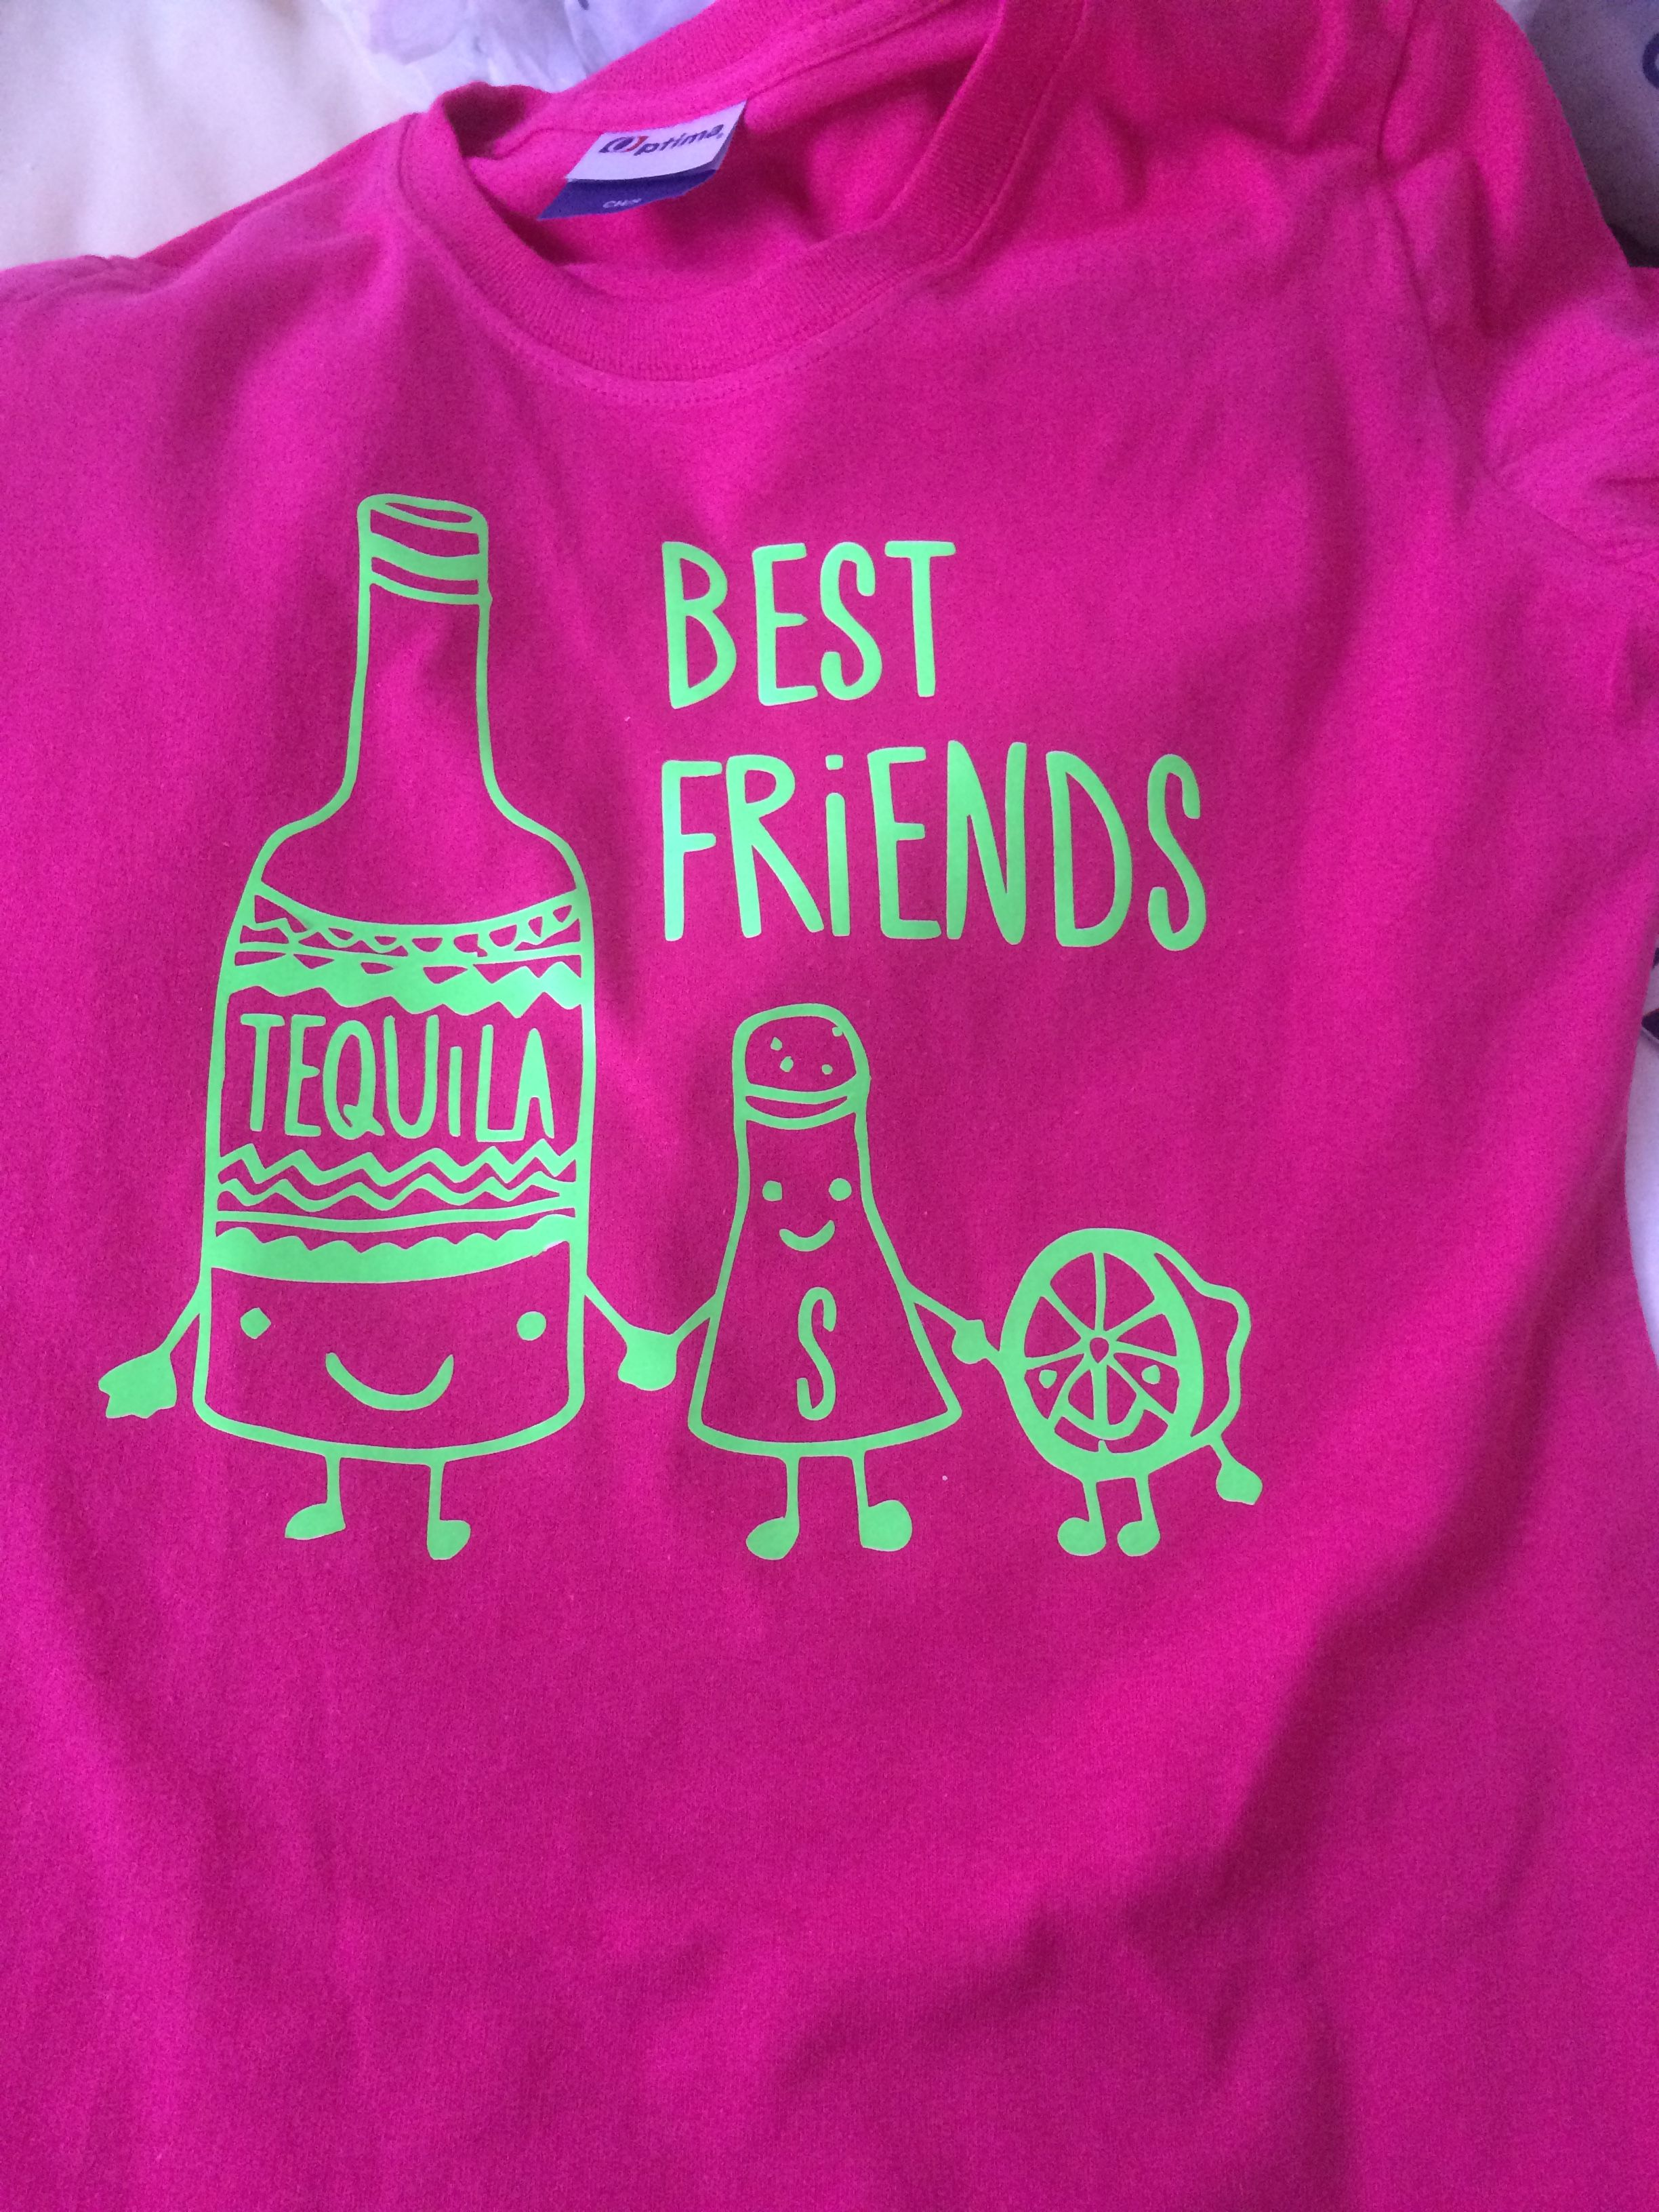 Playera 100% algodón adulto personalizada y estampada en vinil textil  Tequila Best Friends 85e8be9da2b43